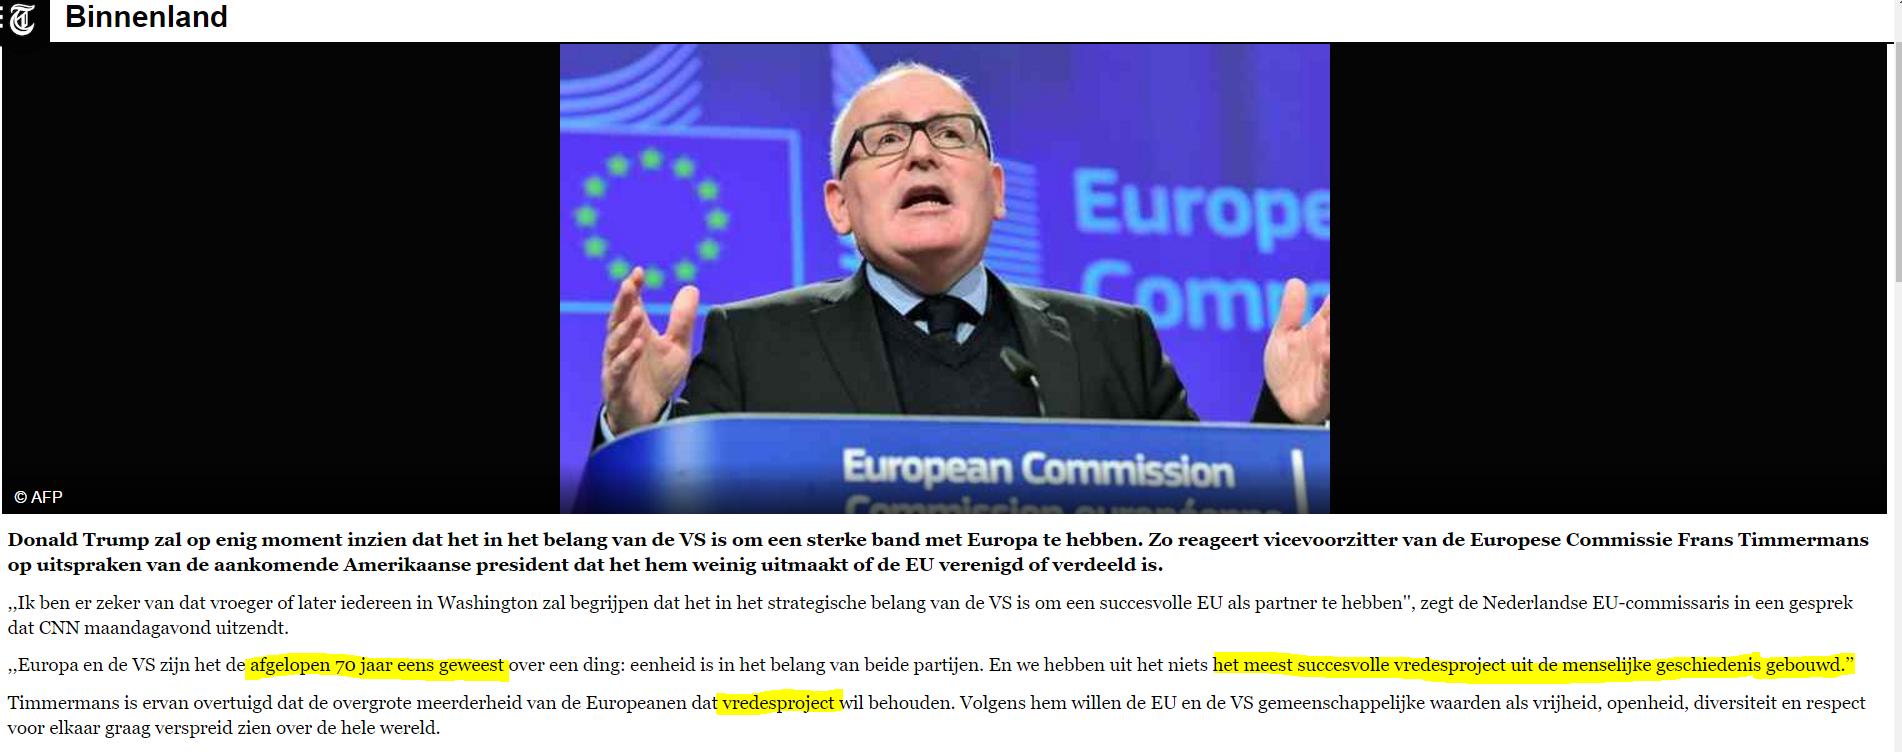 Gevaarlijk revisionisme, Timmermans ontkent impliciet dat Europa betrokken is geweest bij talloze oorlogen , intern en extern